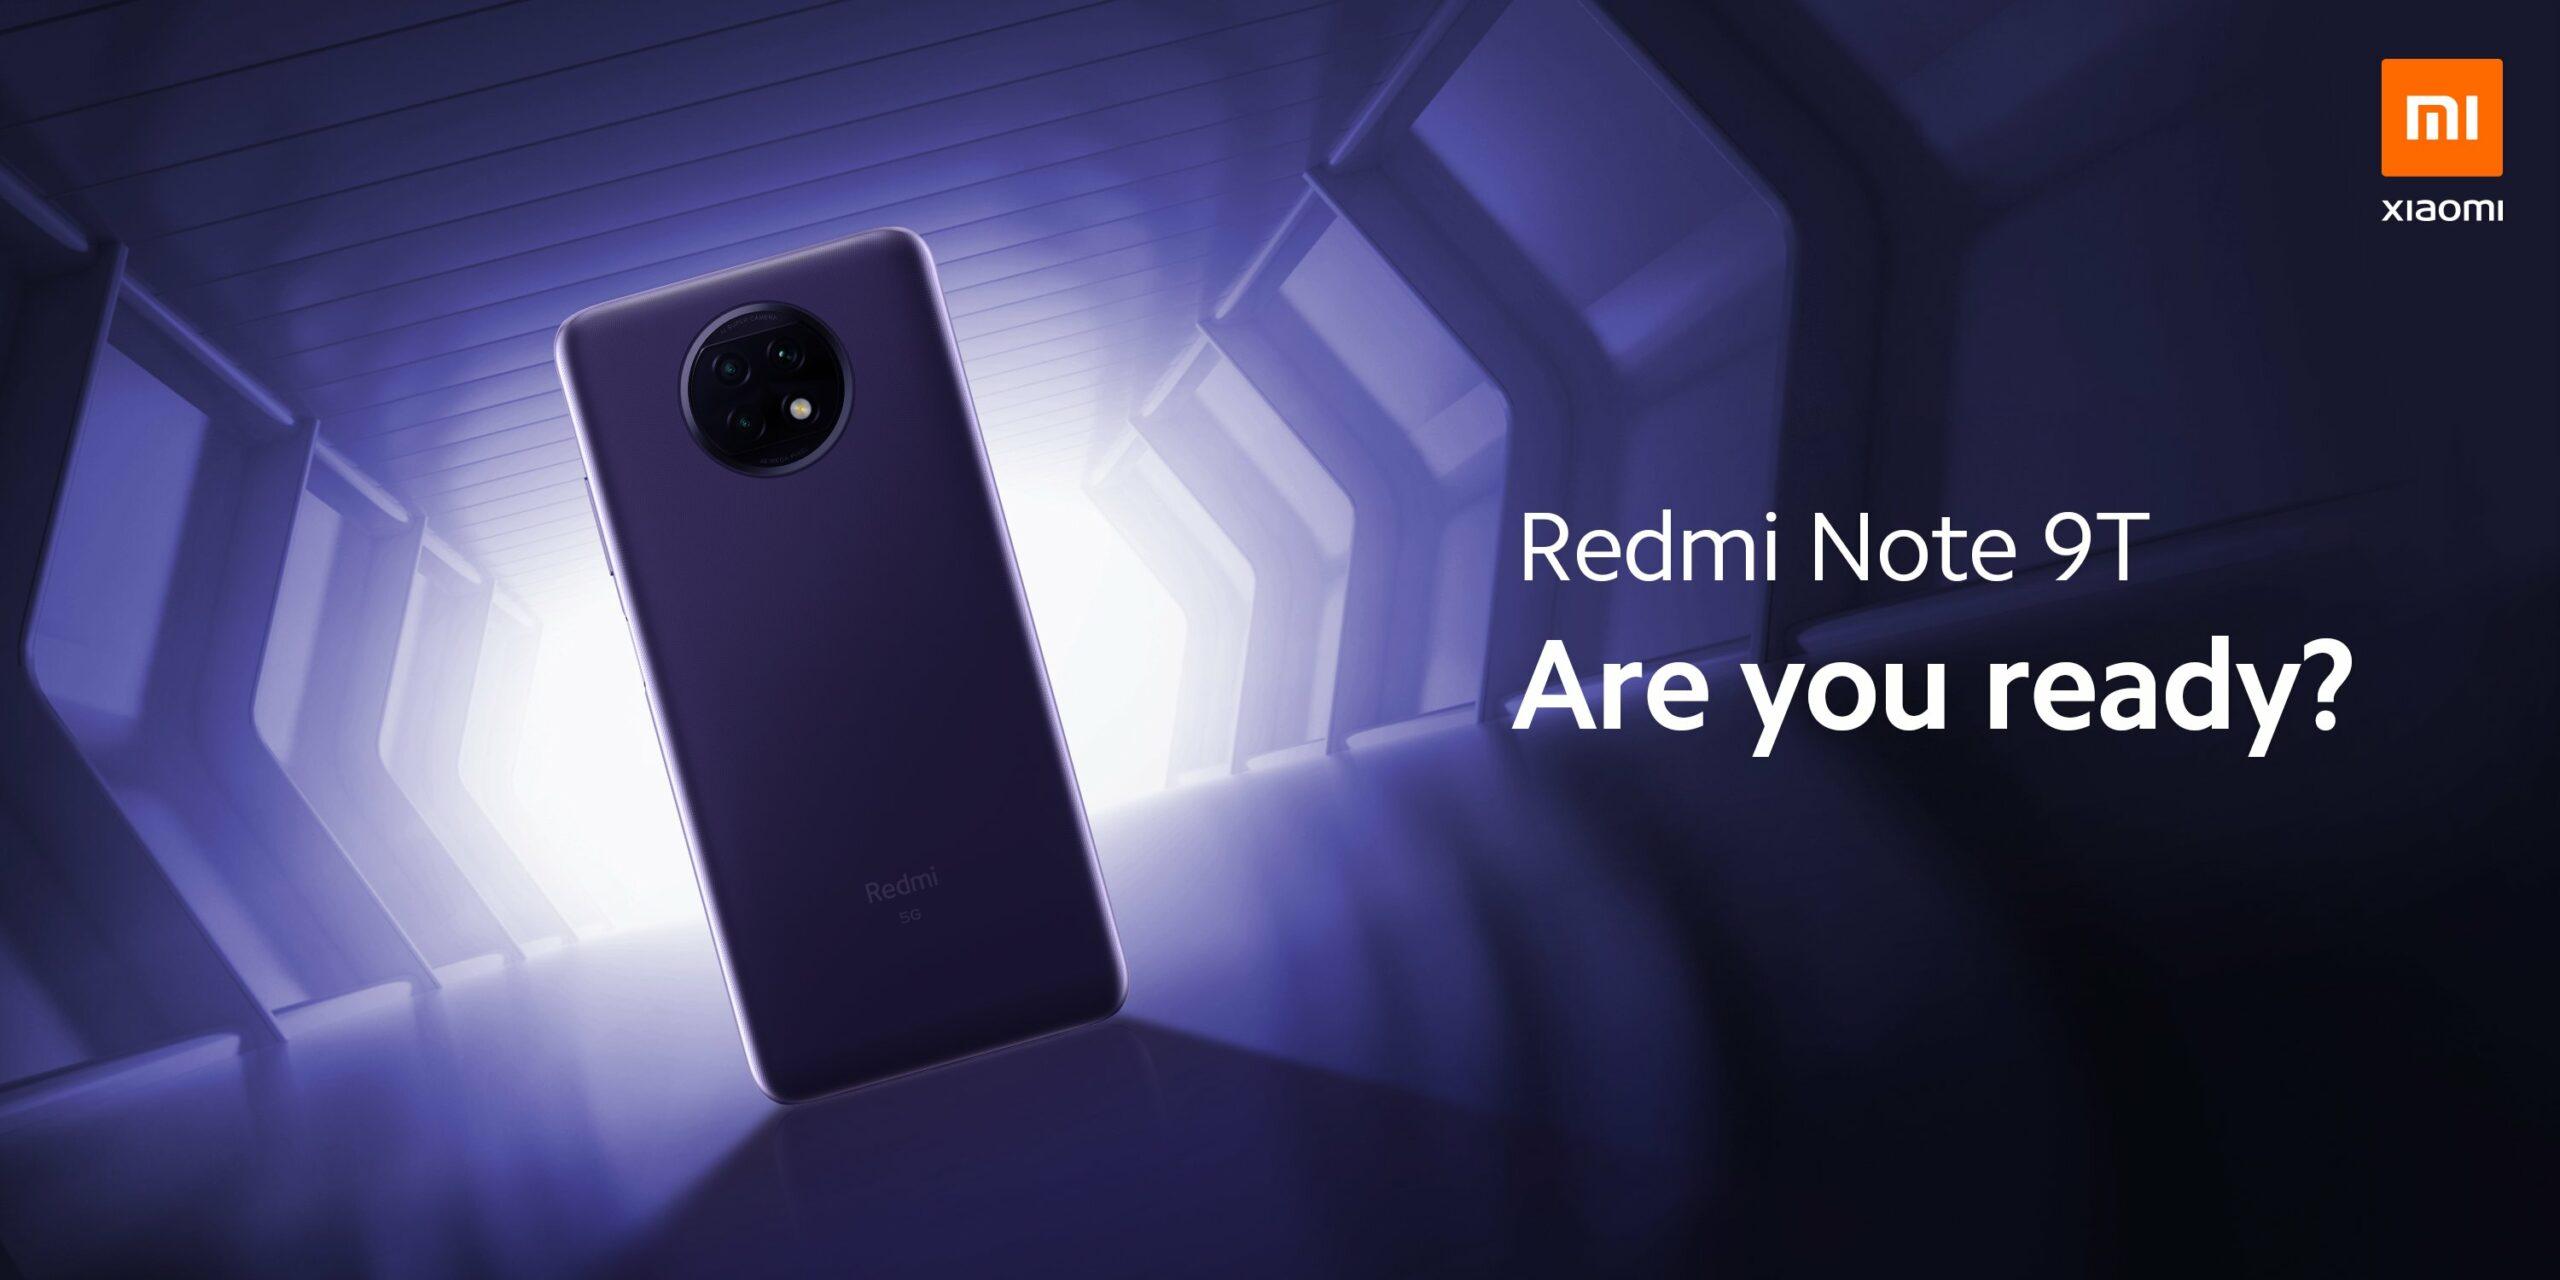 Xiaomi Redmi Note 9T 5G: Vorstellung am 8. Januar um 13 Uhr